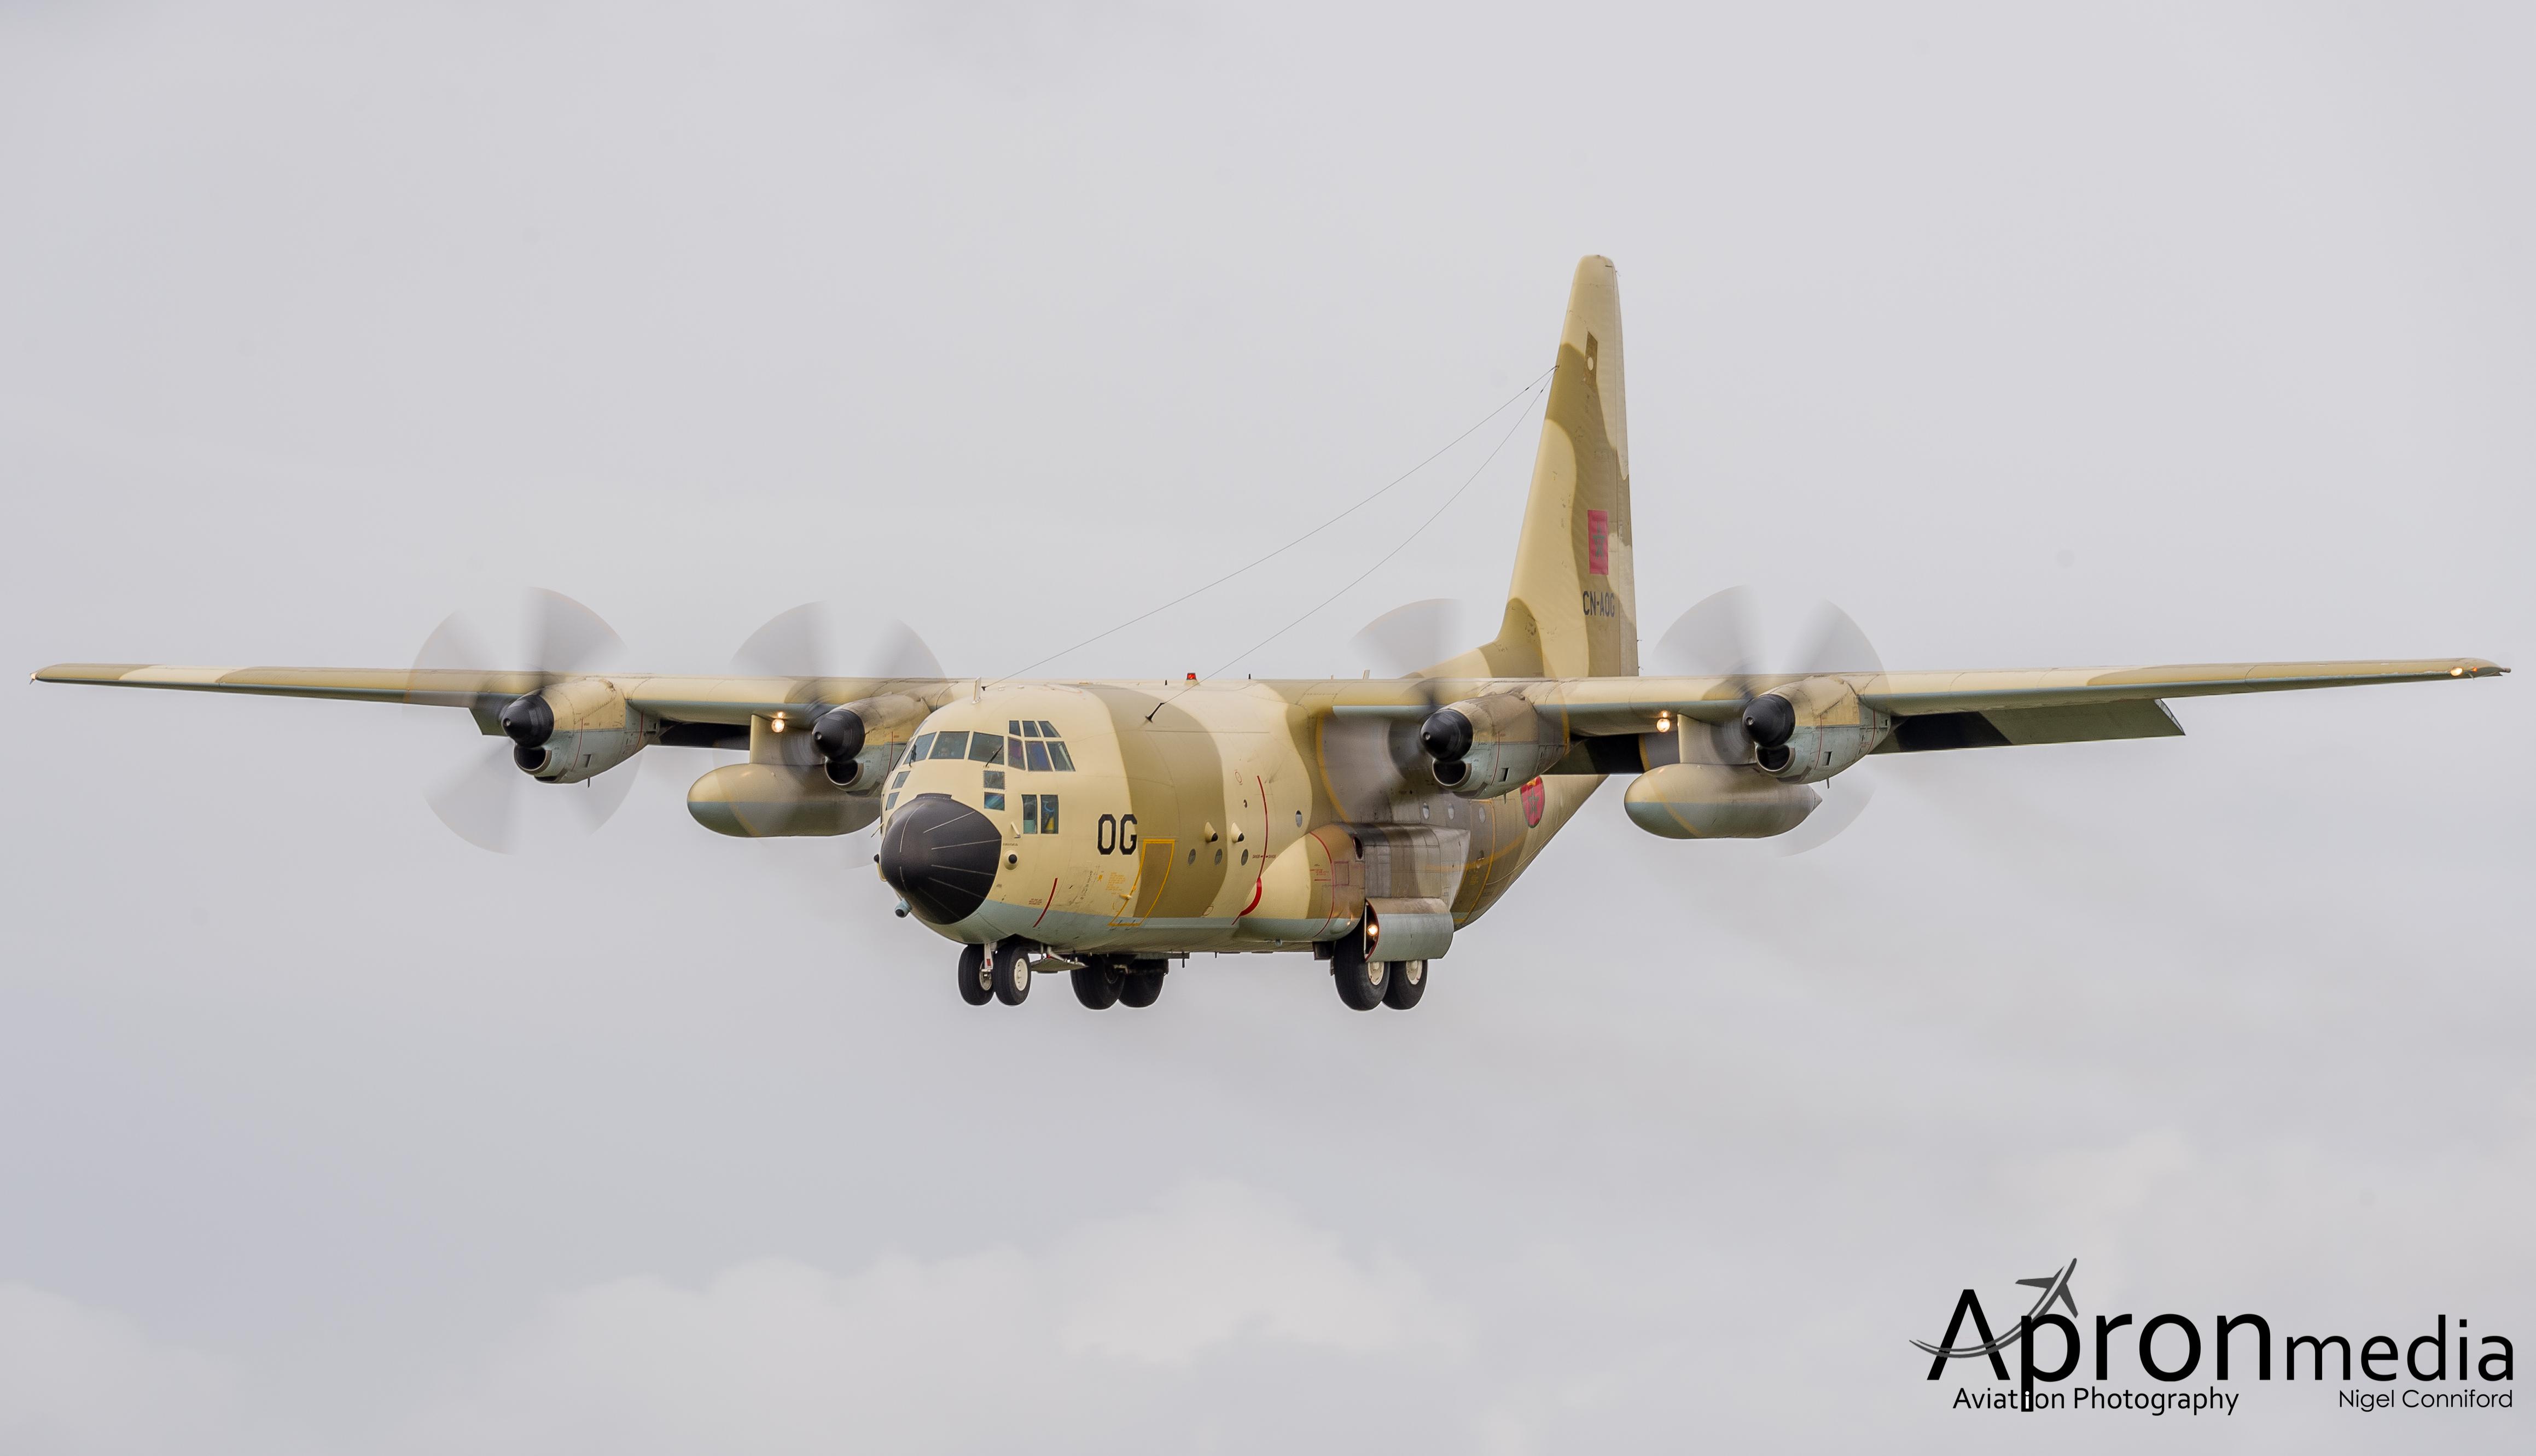 FRA: Photos d'avions de transport - Page 21 16682278852_bf4f198f2c_o